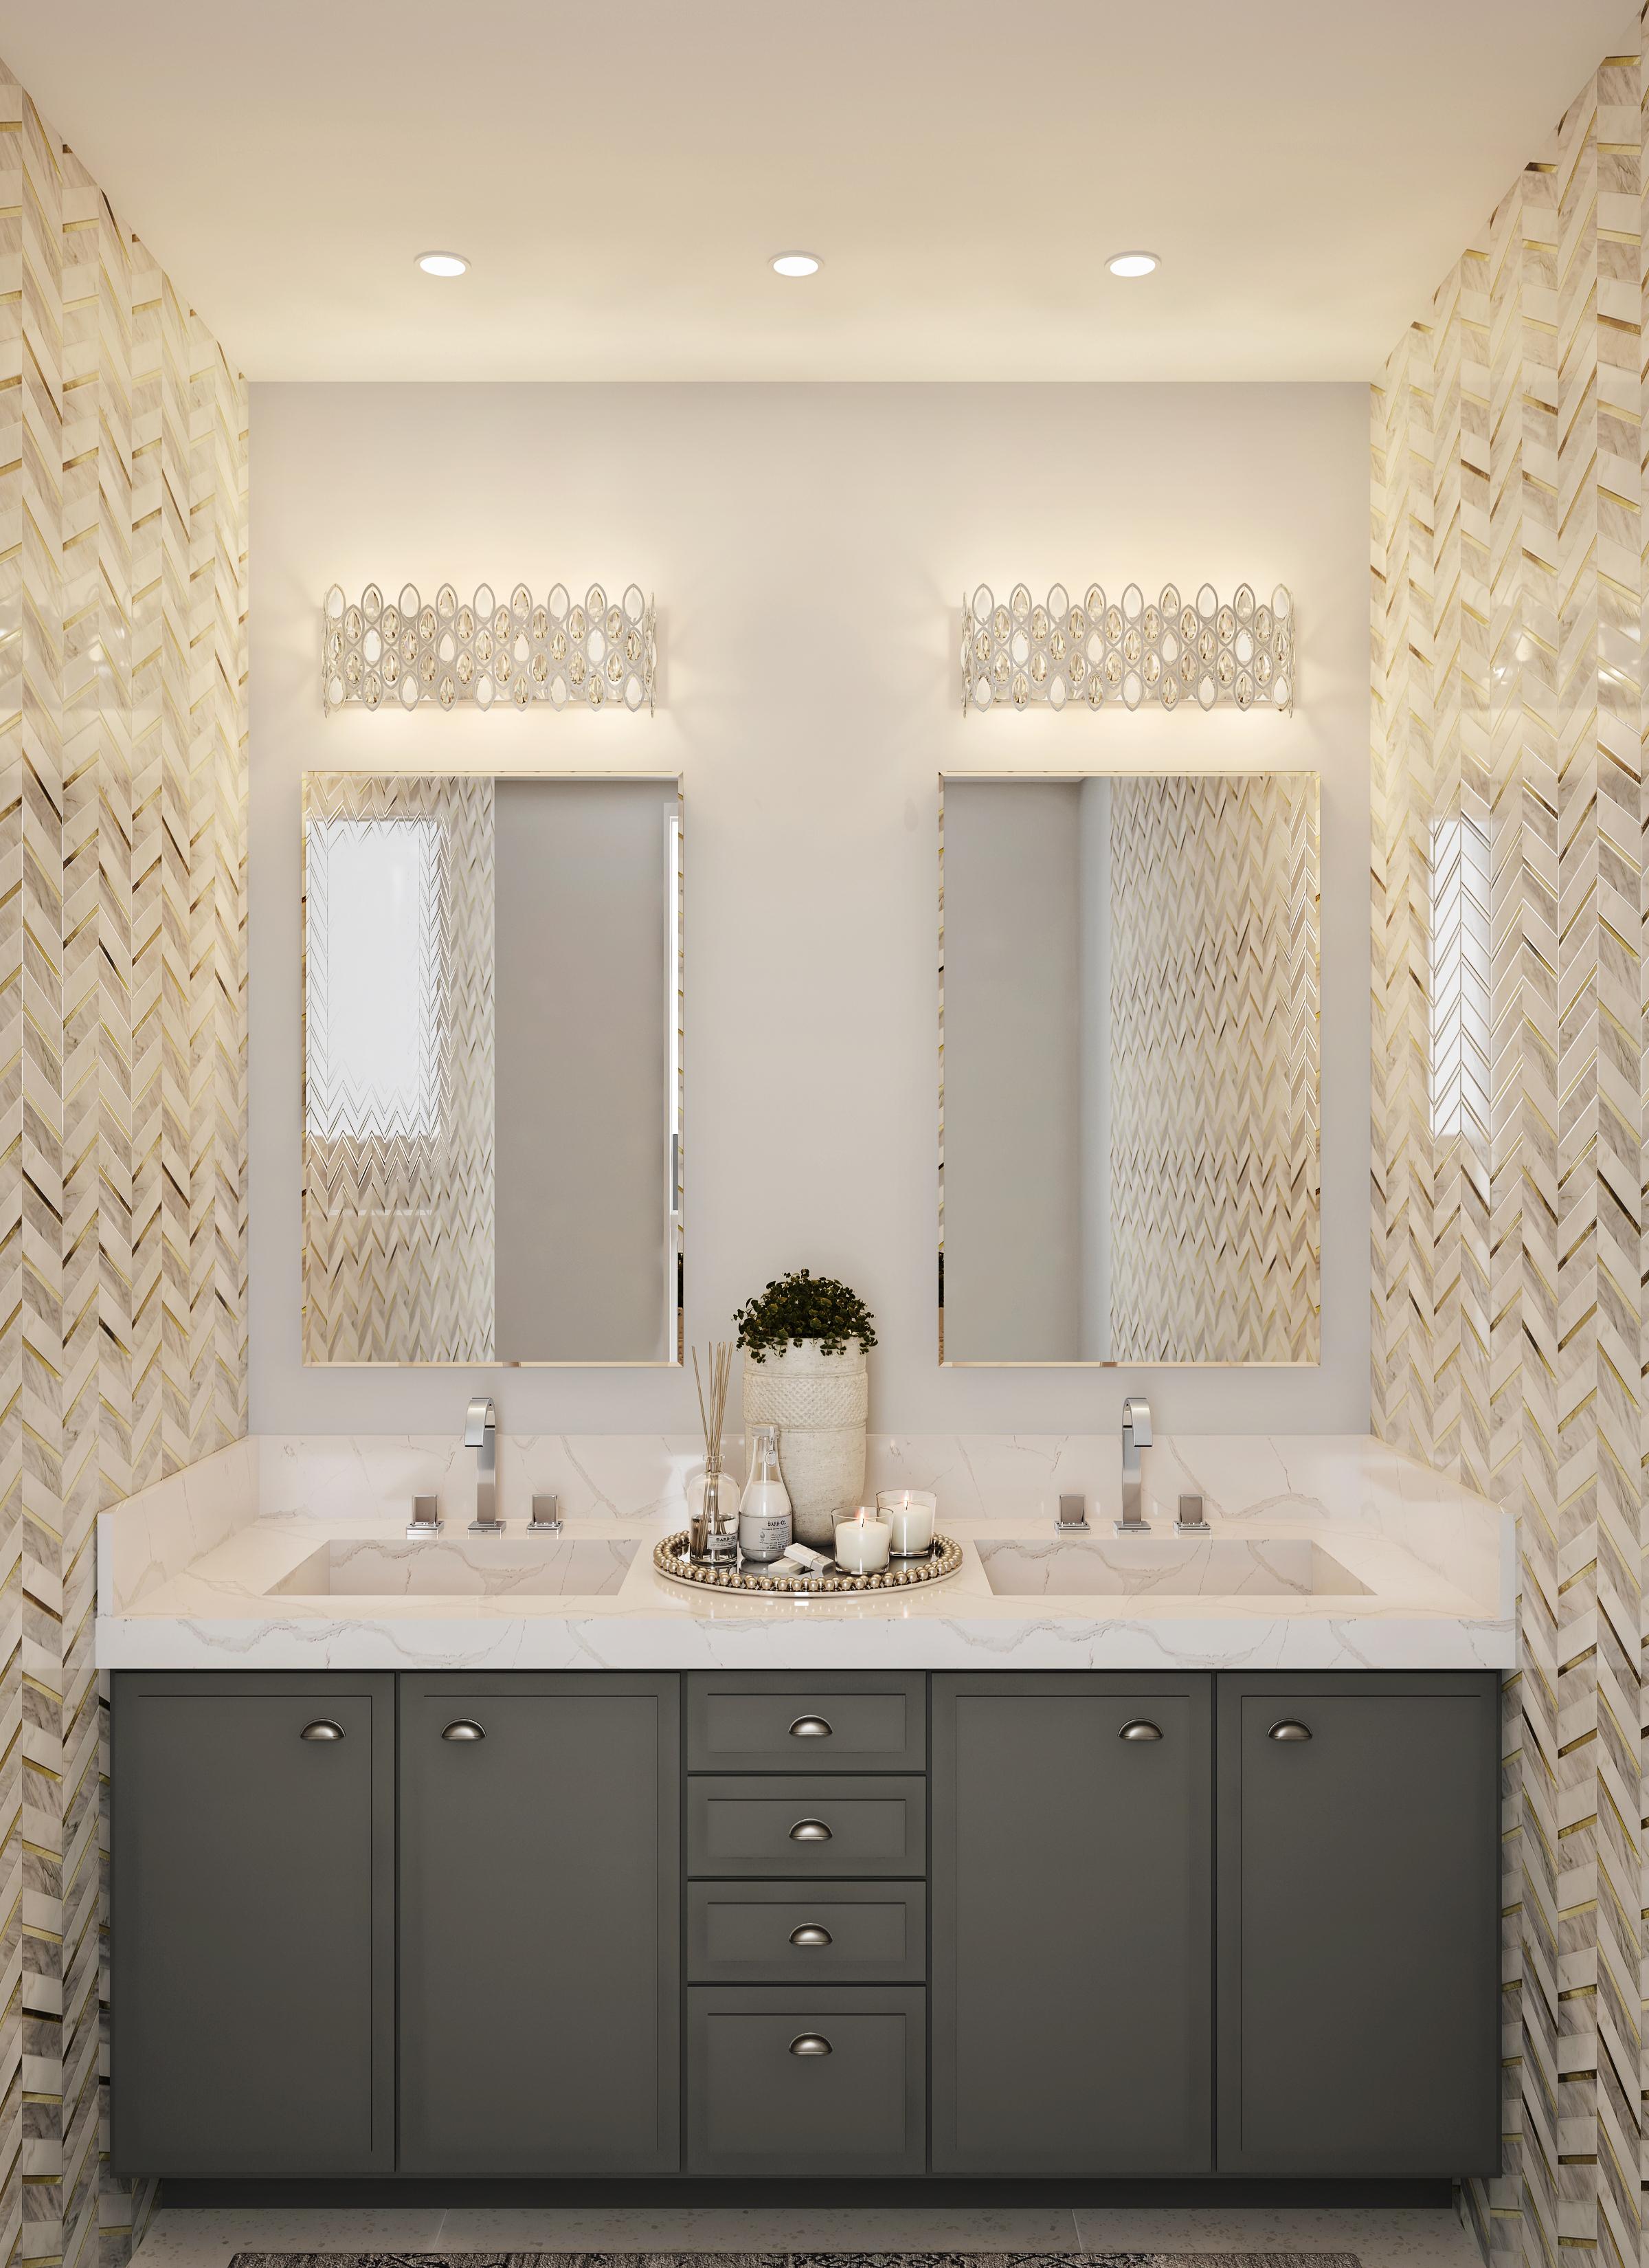 Bathroom Lighting Mirrors Galleria Design